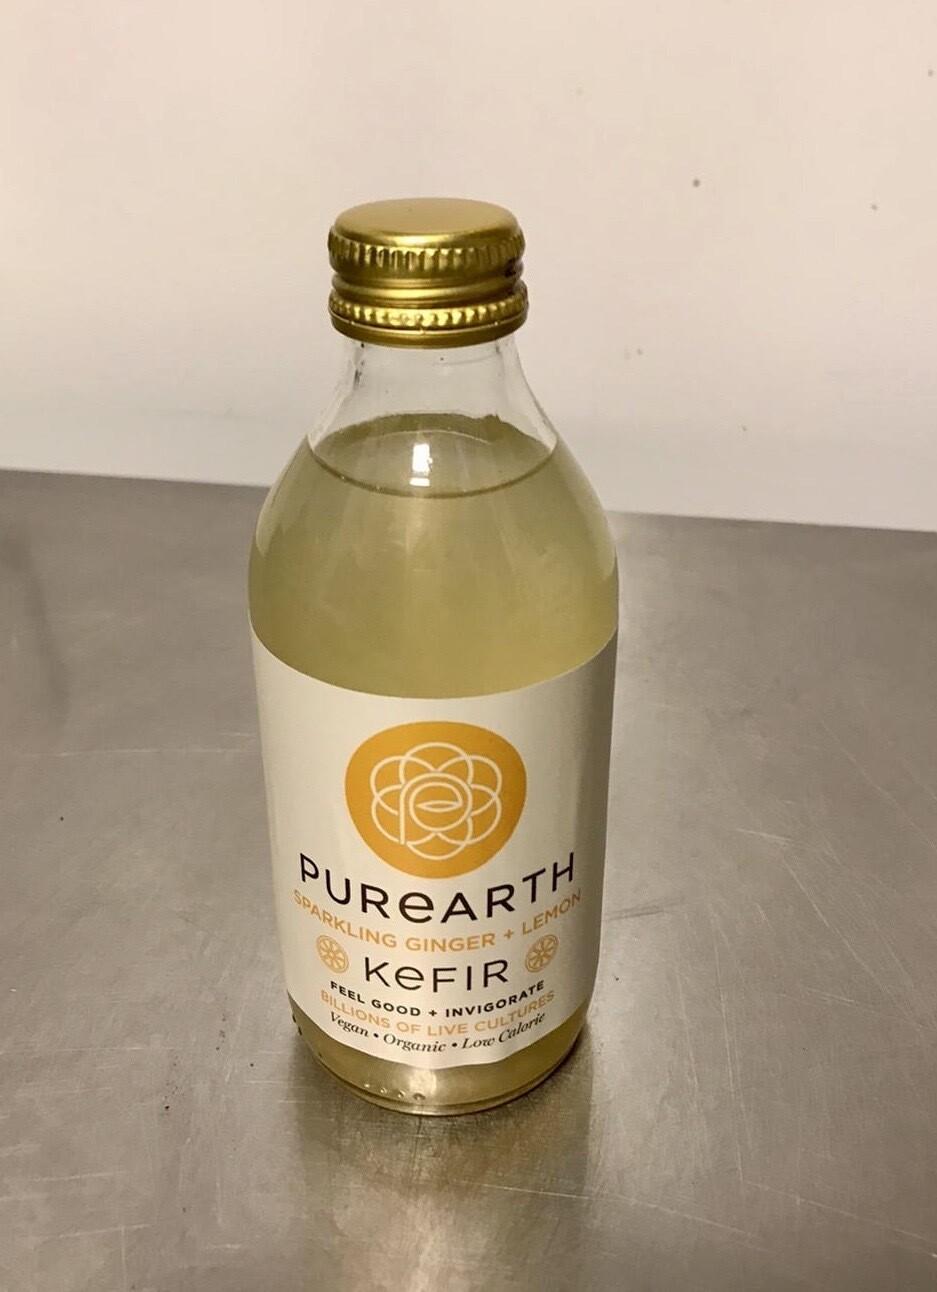 Purearth Kefir Ginger & Lemon